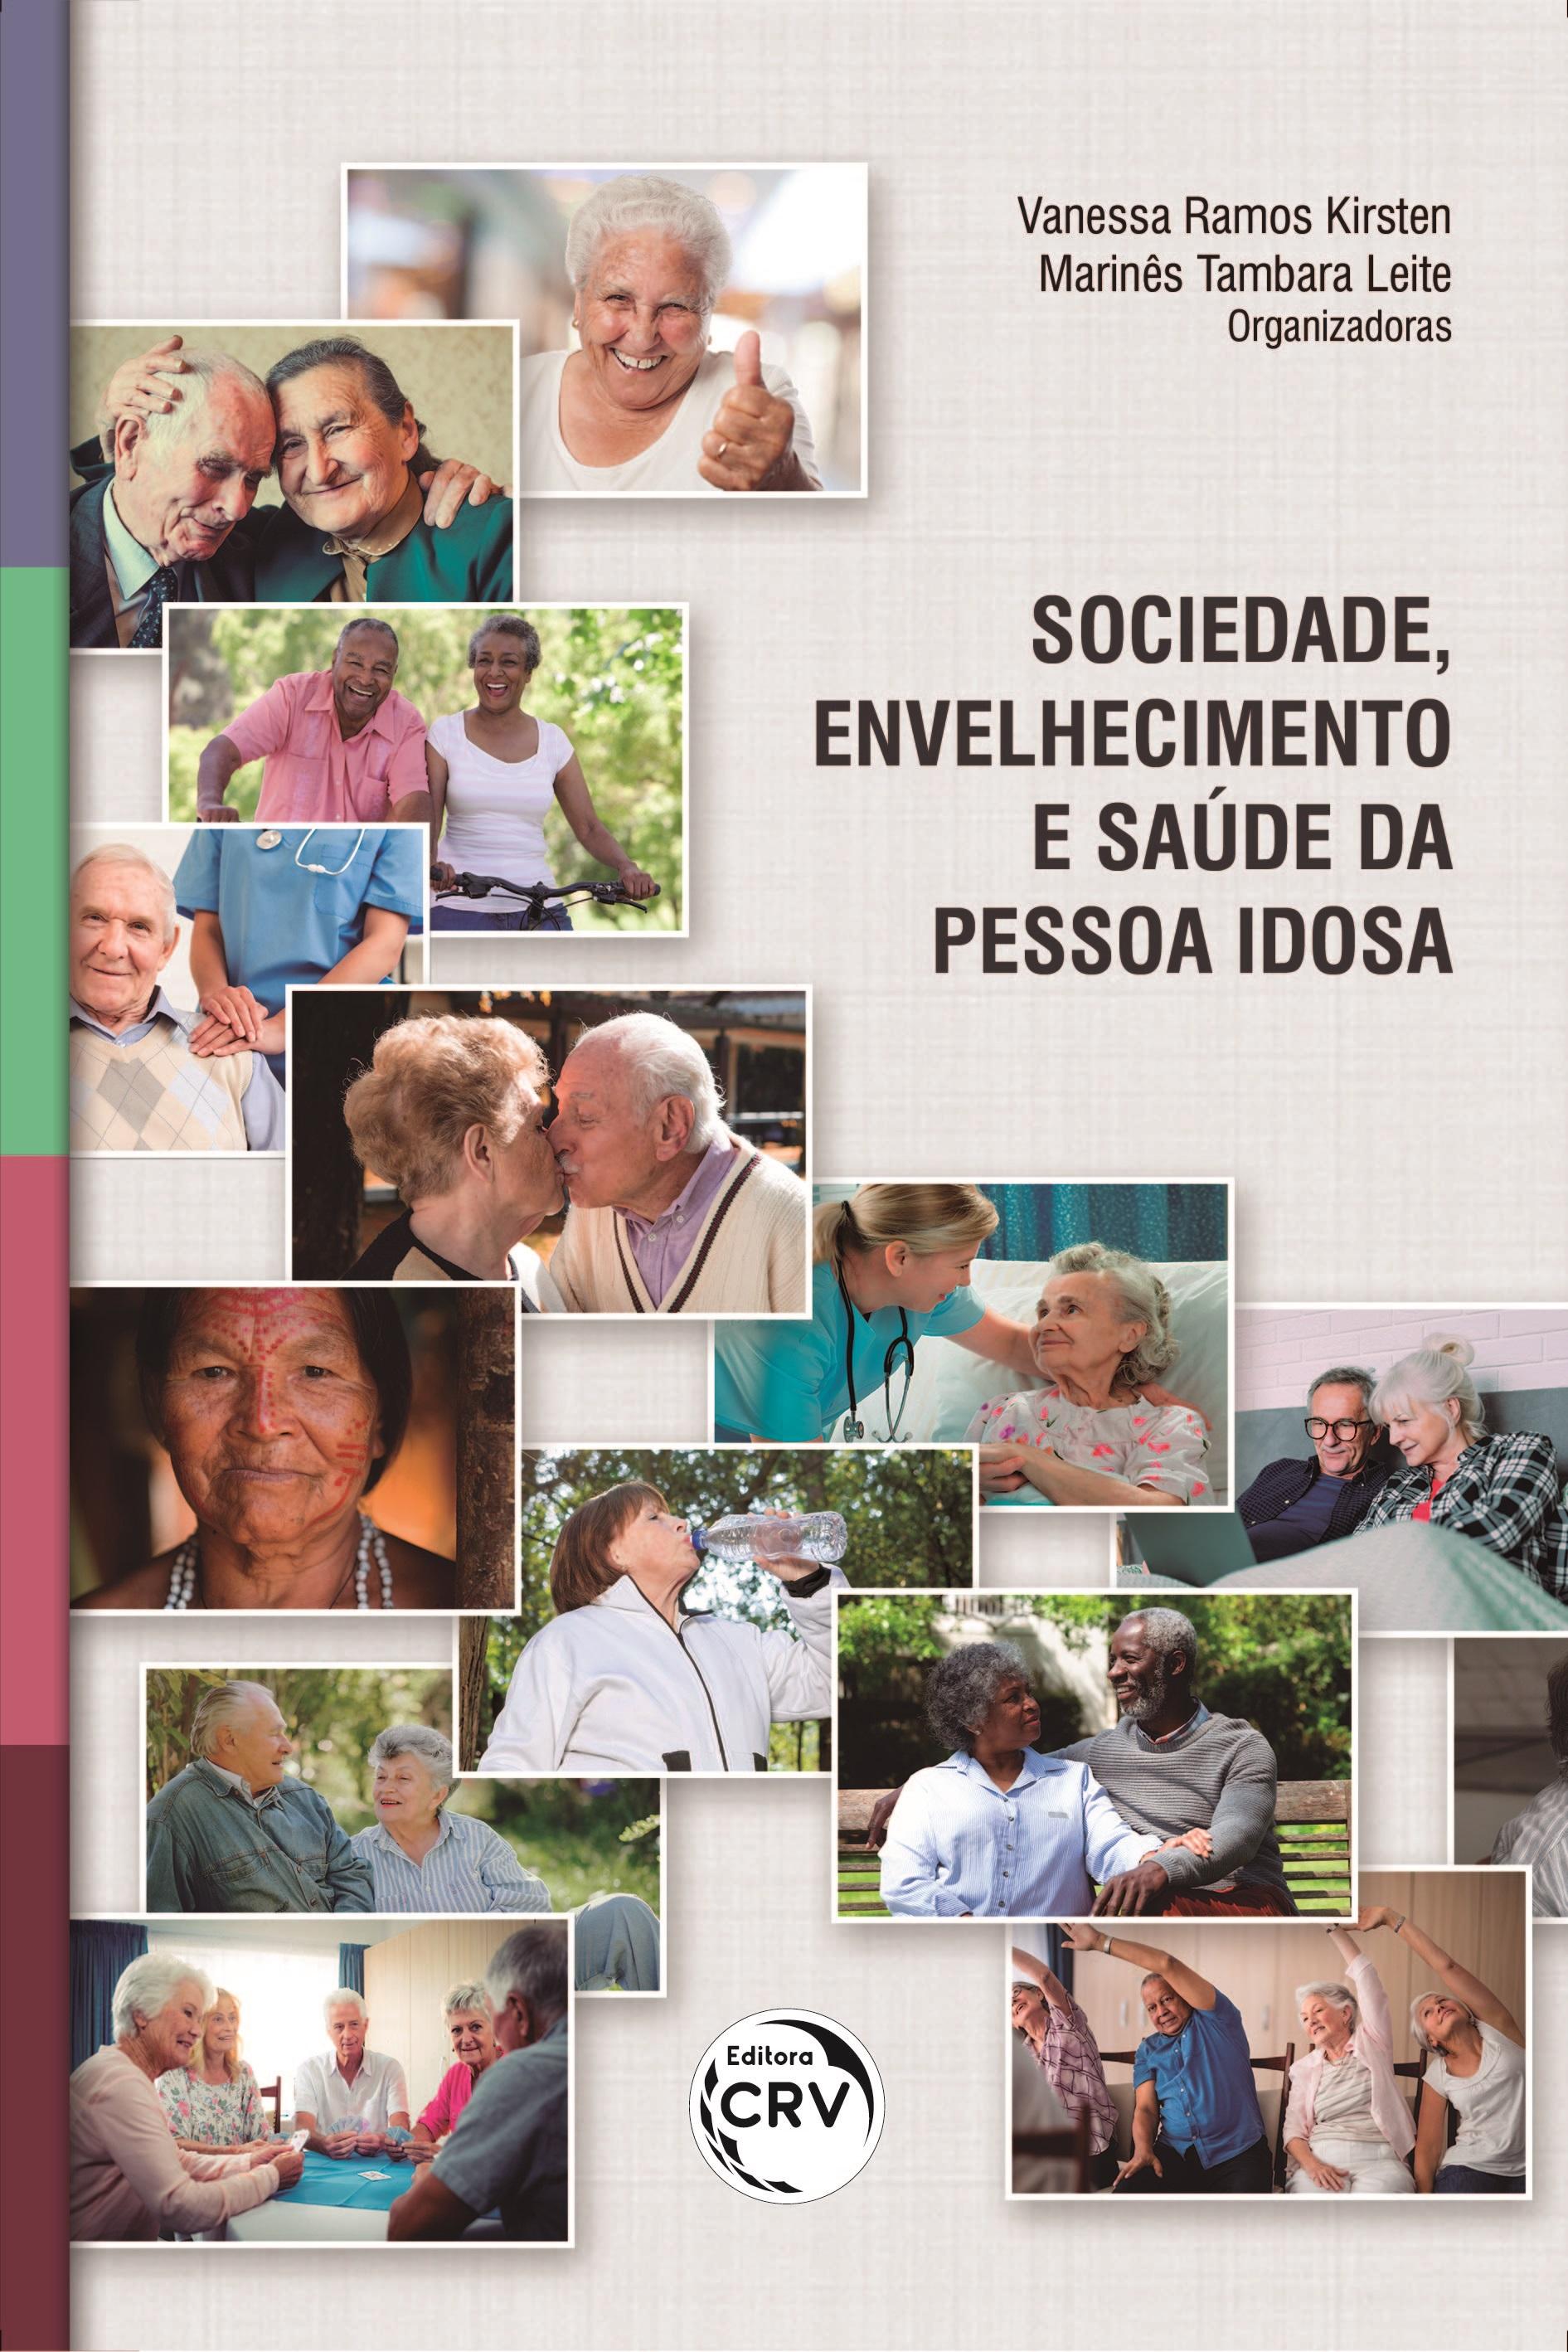 Capa do livro: SOCIEDADE, ENVELHECIMENTO E SAÚDE DA PESSOA IDOSA